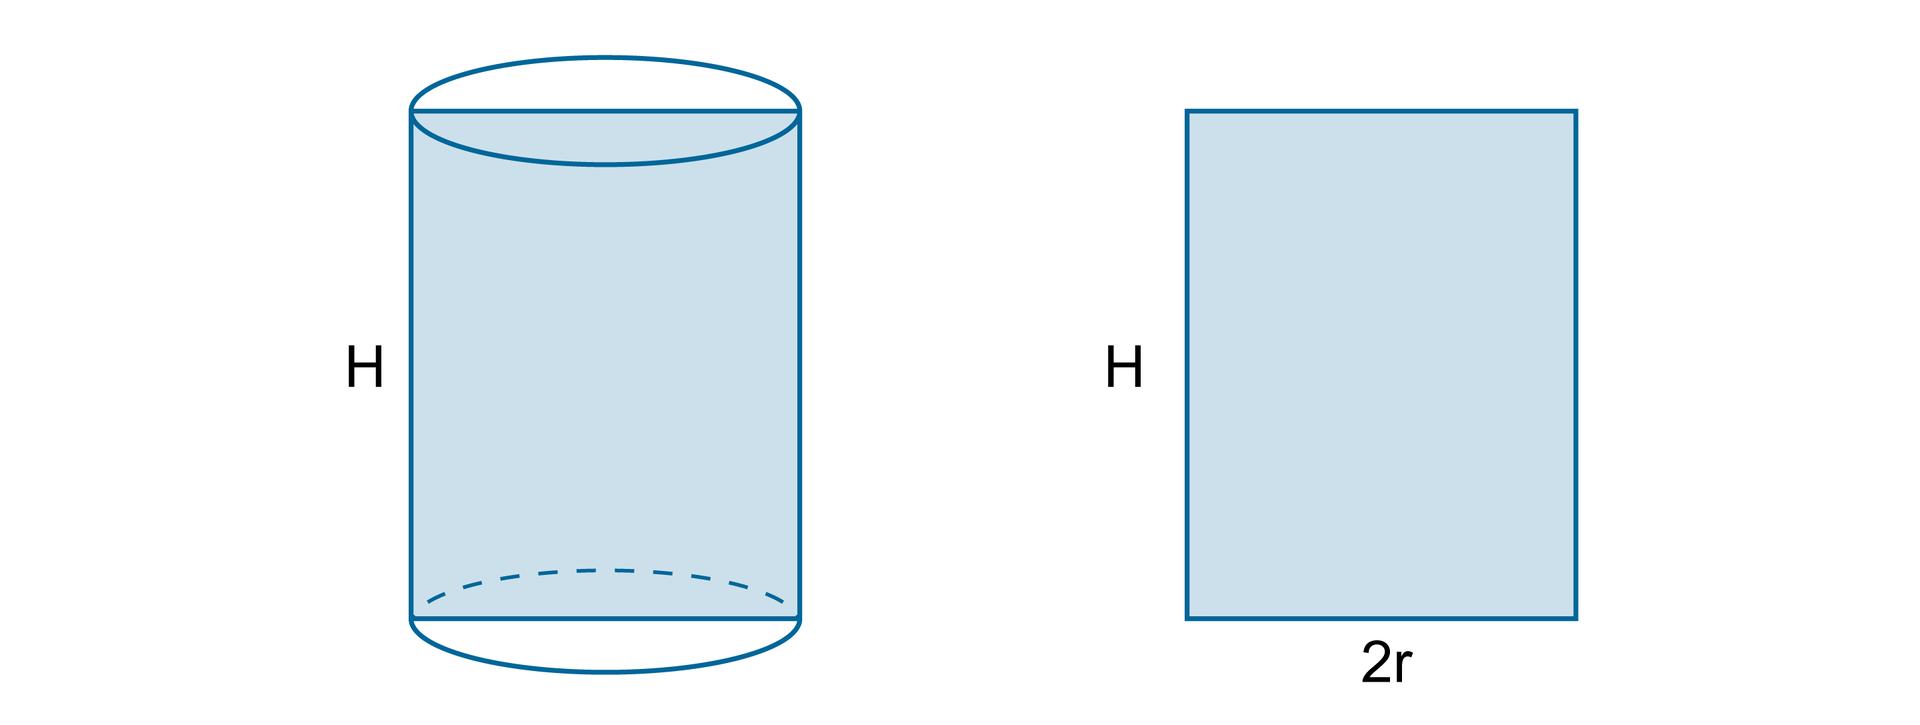 Rysunek walca owysokości Hzzaznaczonym przekrojem osiowym (w kształcie prostokąta) oraz prostokąta obokach długości Hi2r.